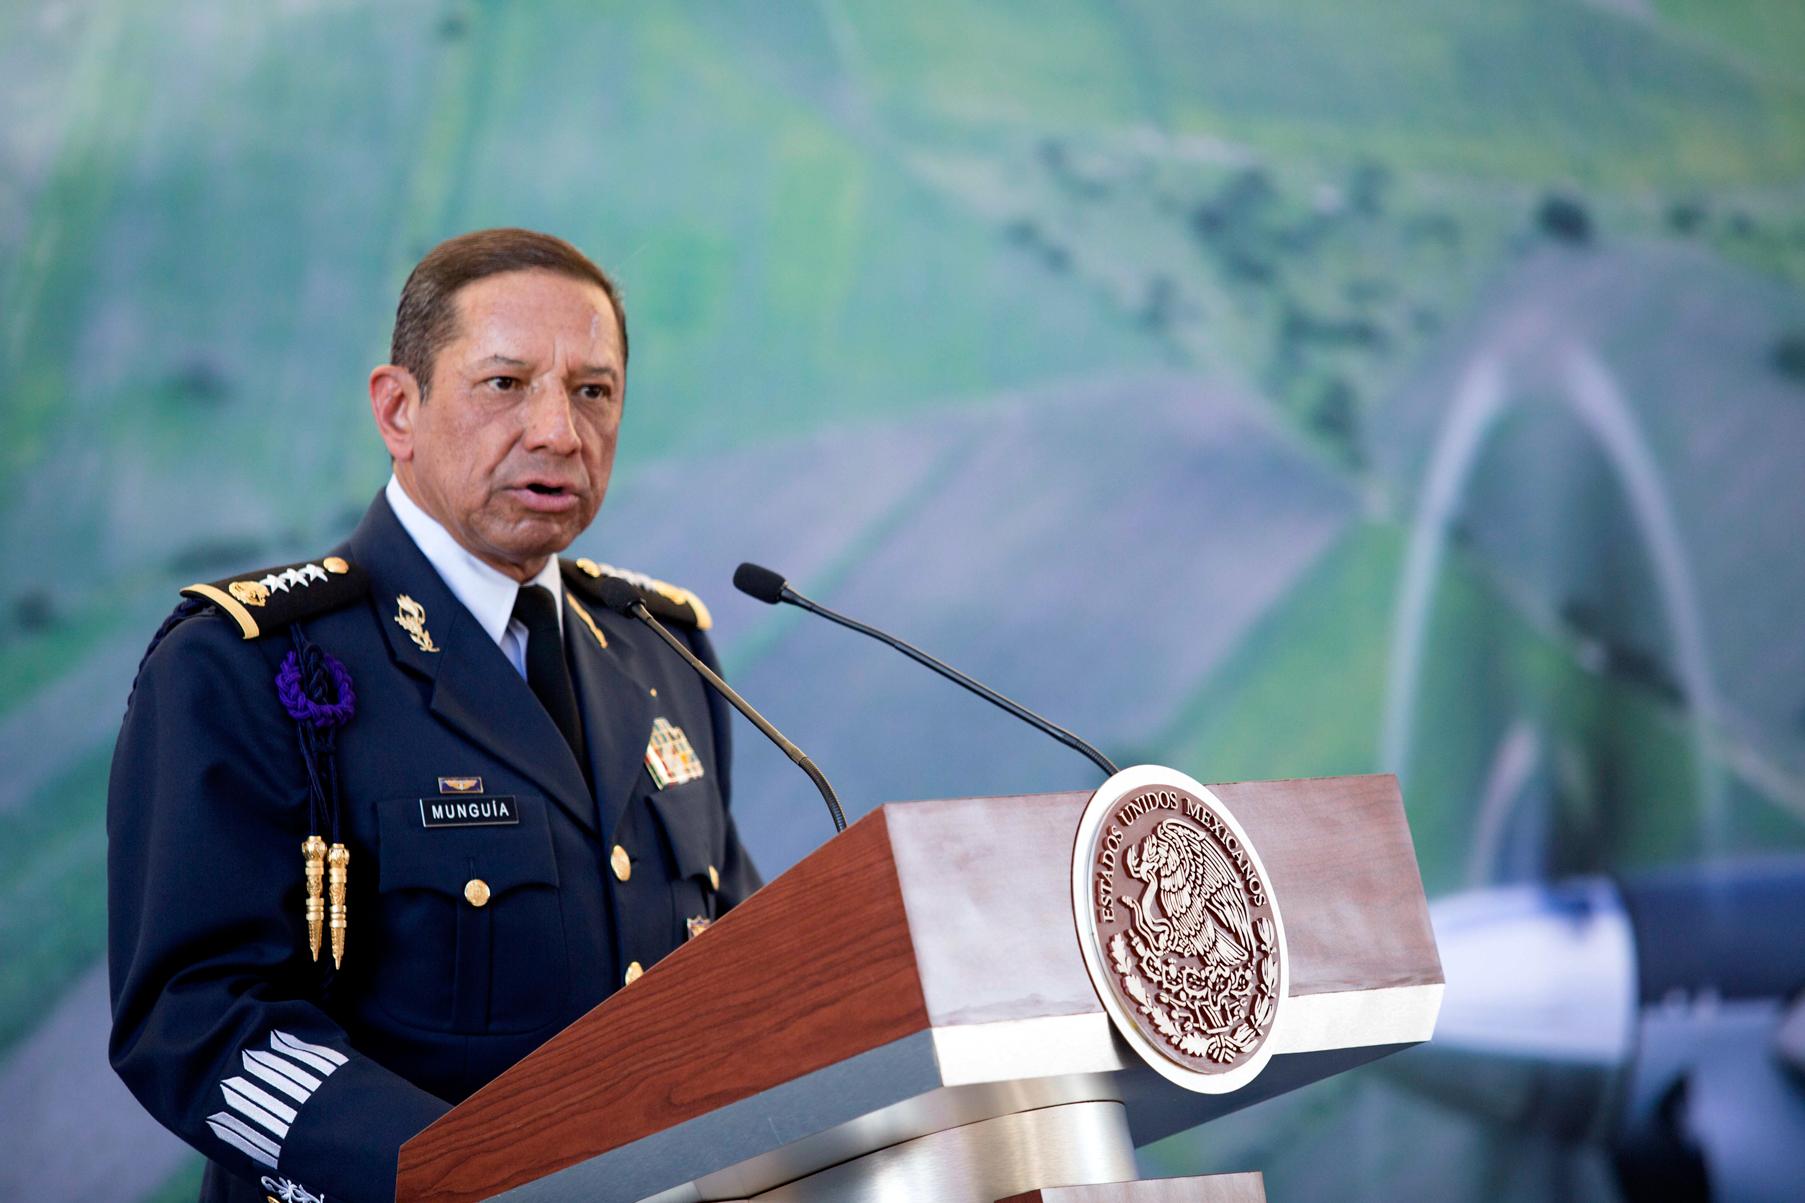 La población mexicana cuenta actualmente con militares comprometidos y preparados para encarar los retos que el futuro depara a nuestra Nación: General Carlos Antonio Rodríguez Munguía